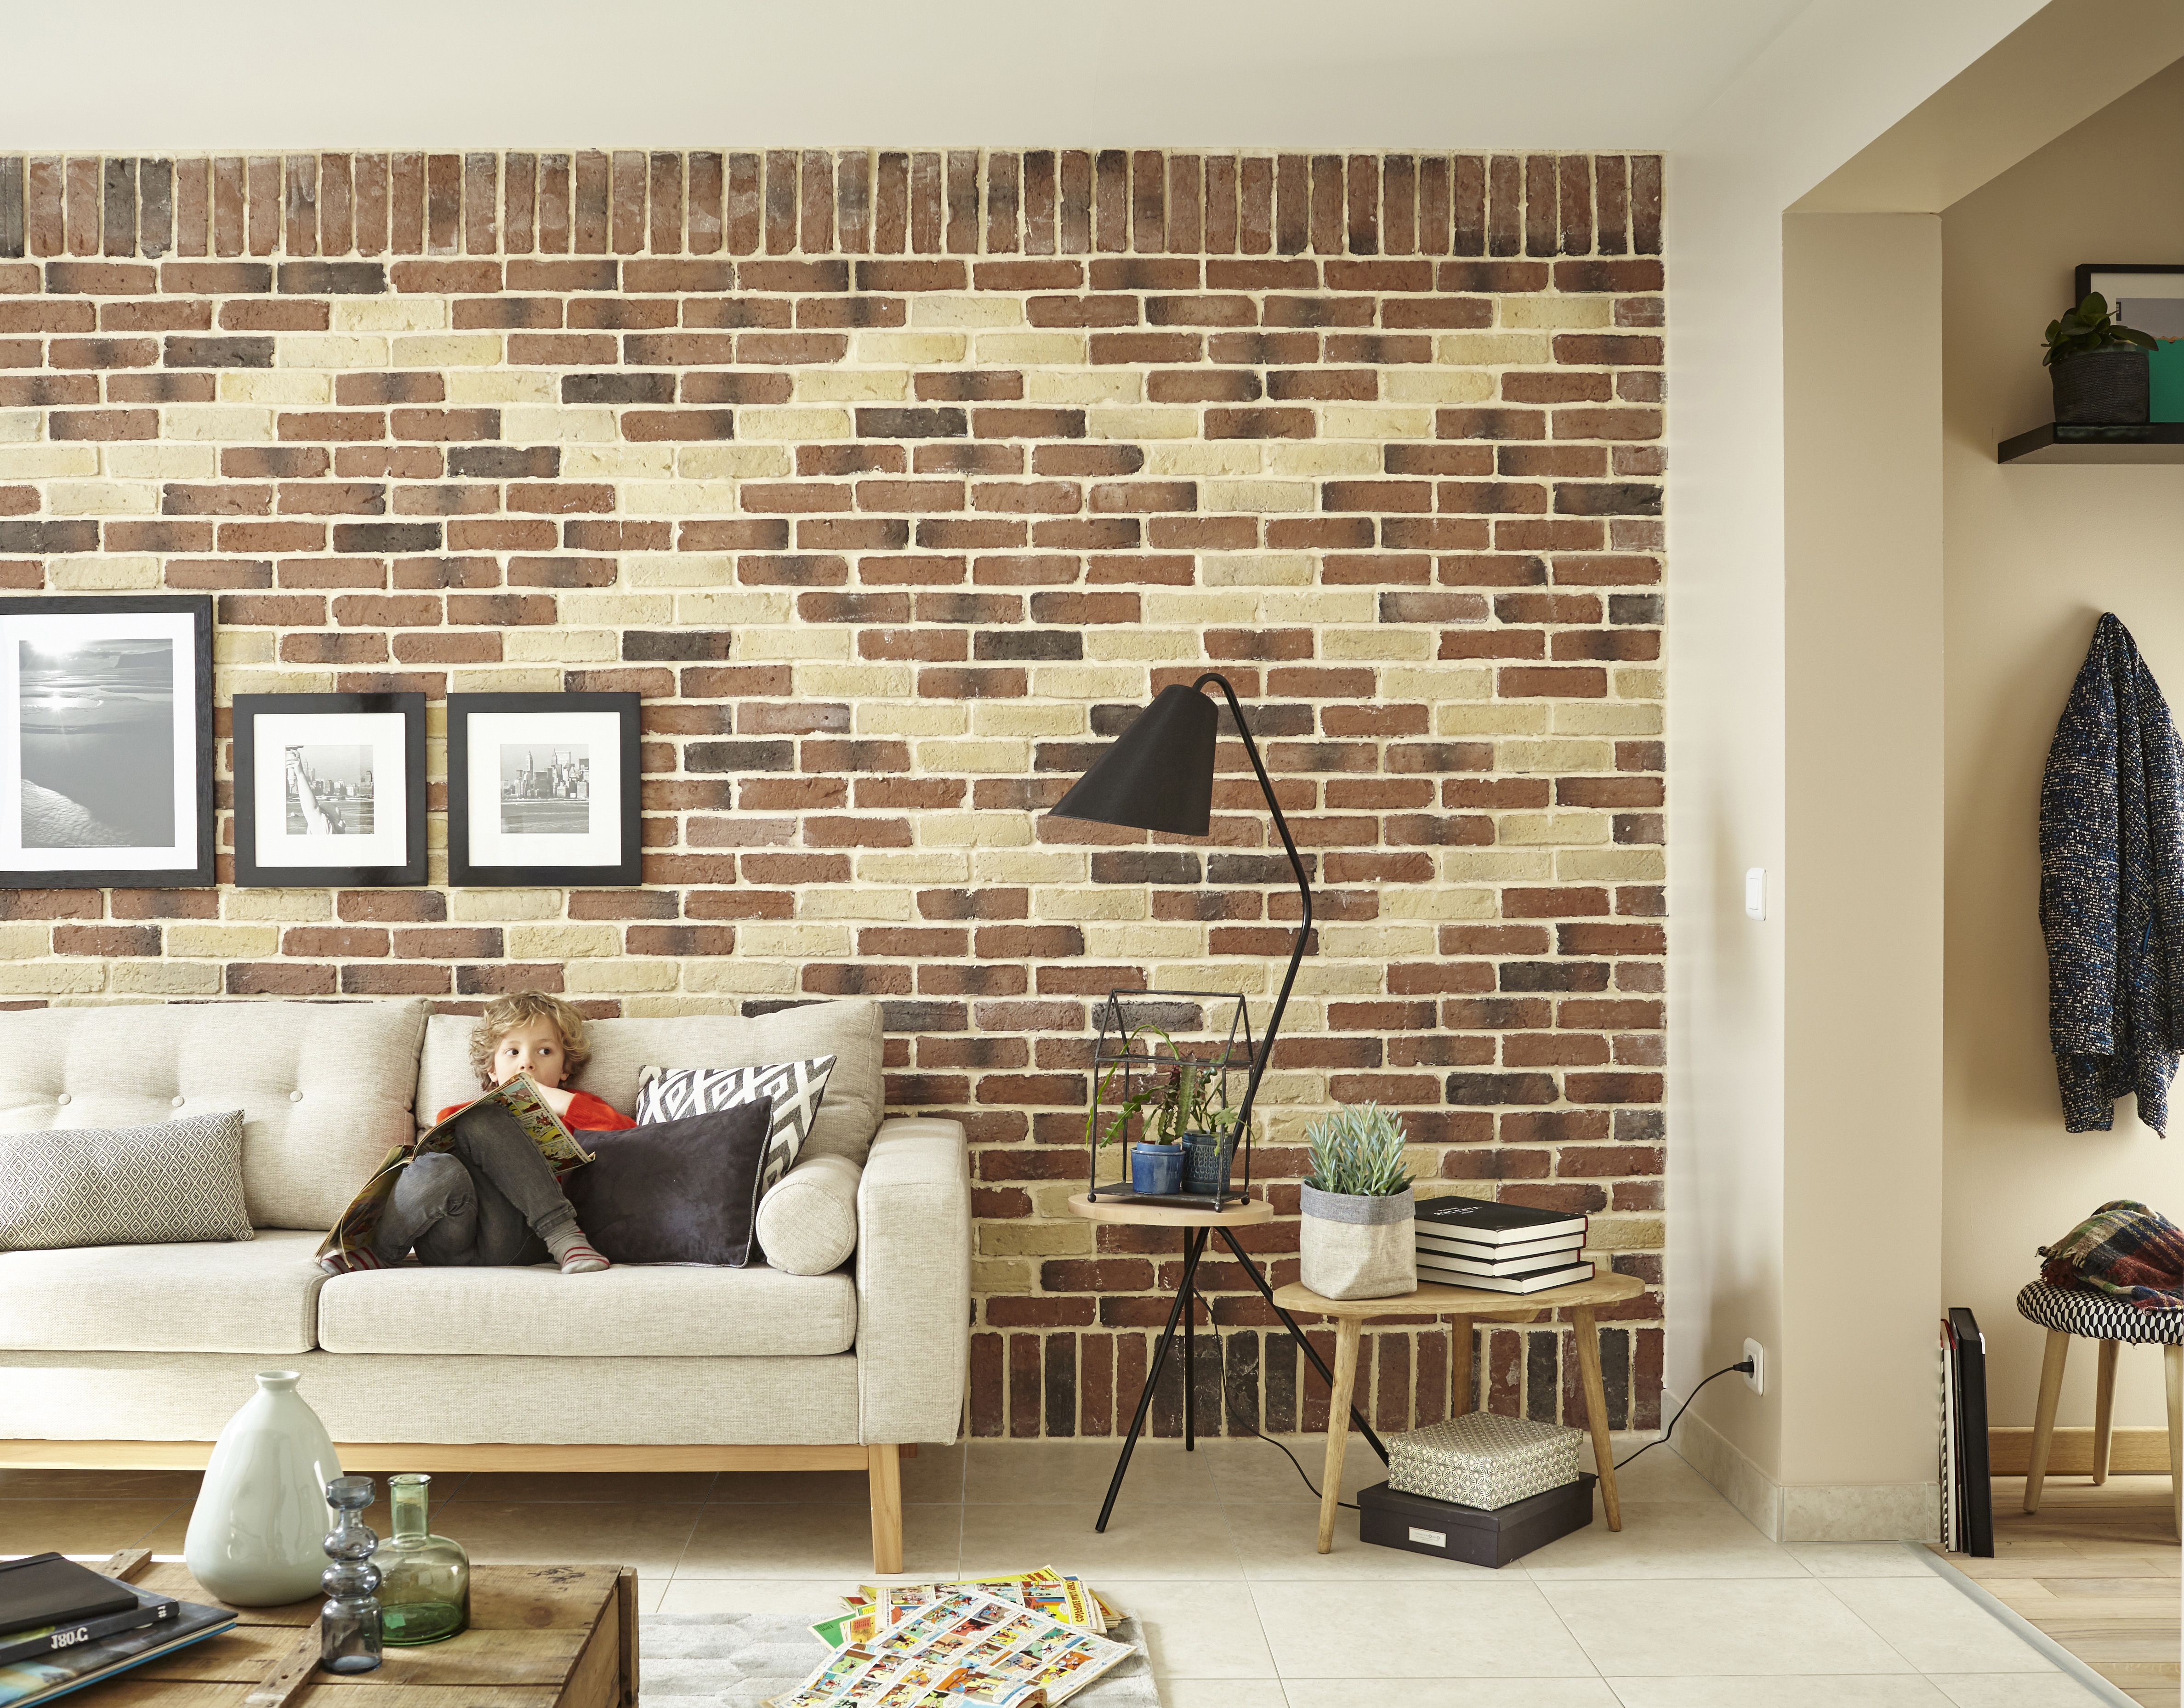 plaquettes de parement en terre cuite habillent le mur du salon salon homedecor decomur. Black Bedroom Furniture Sets. Home Design Ideas